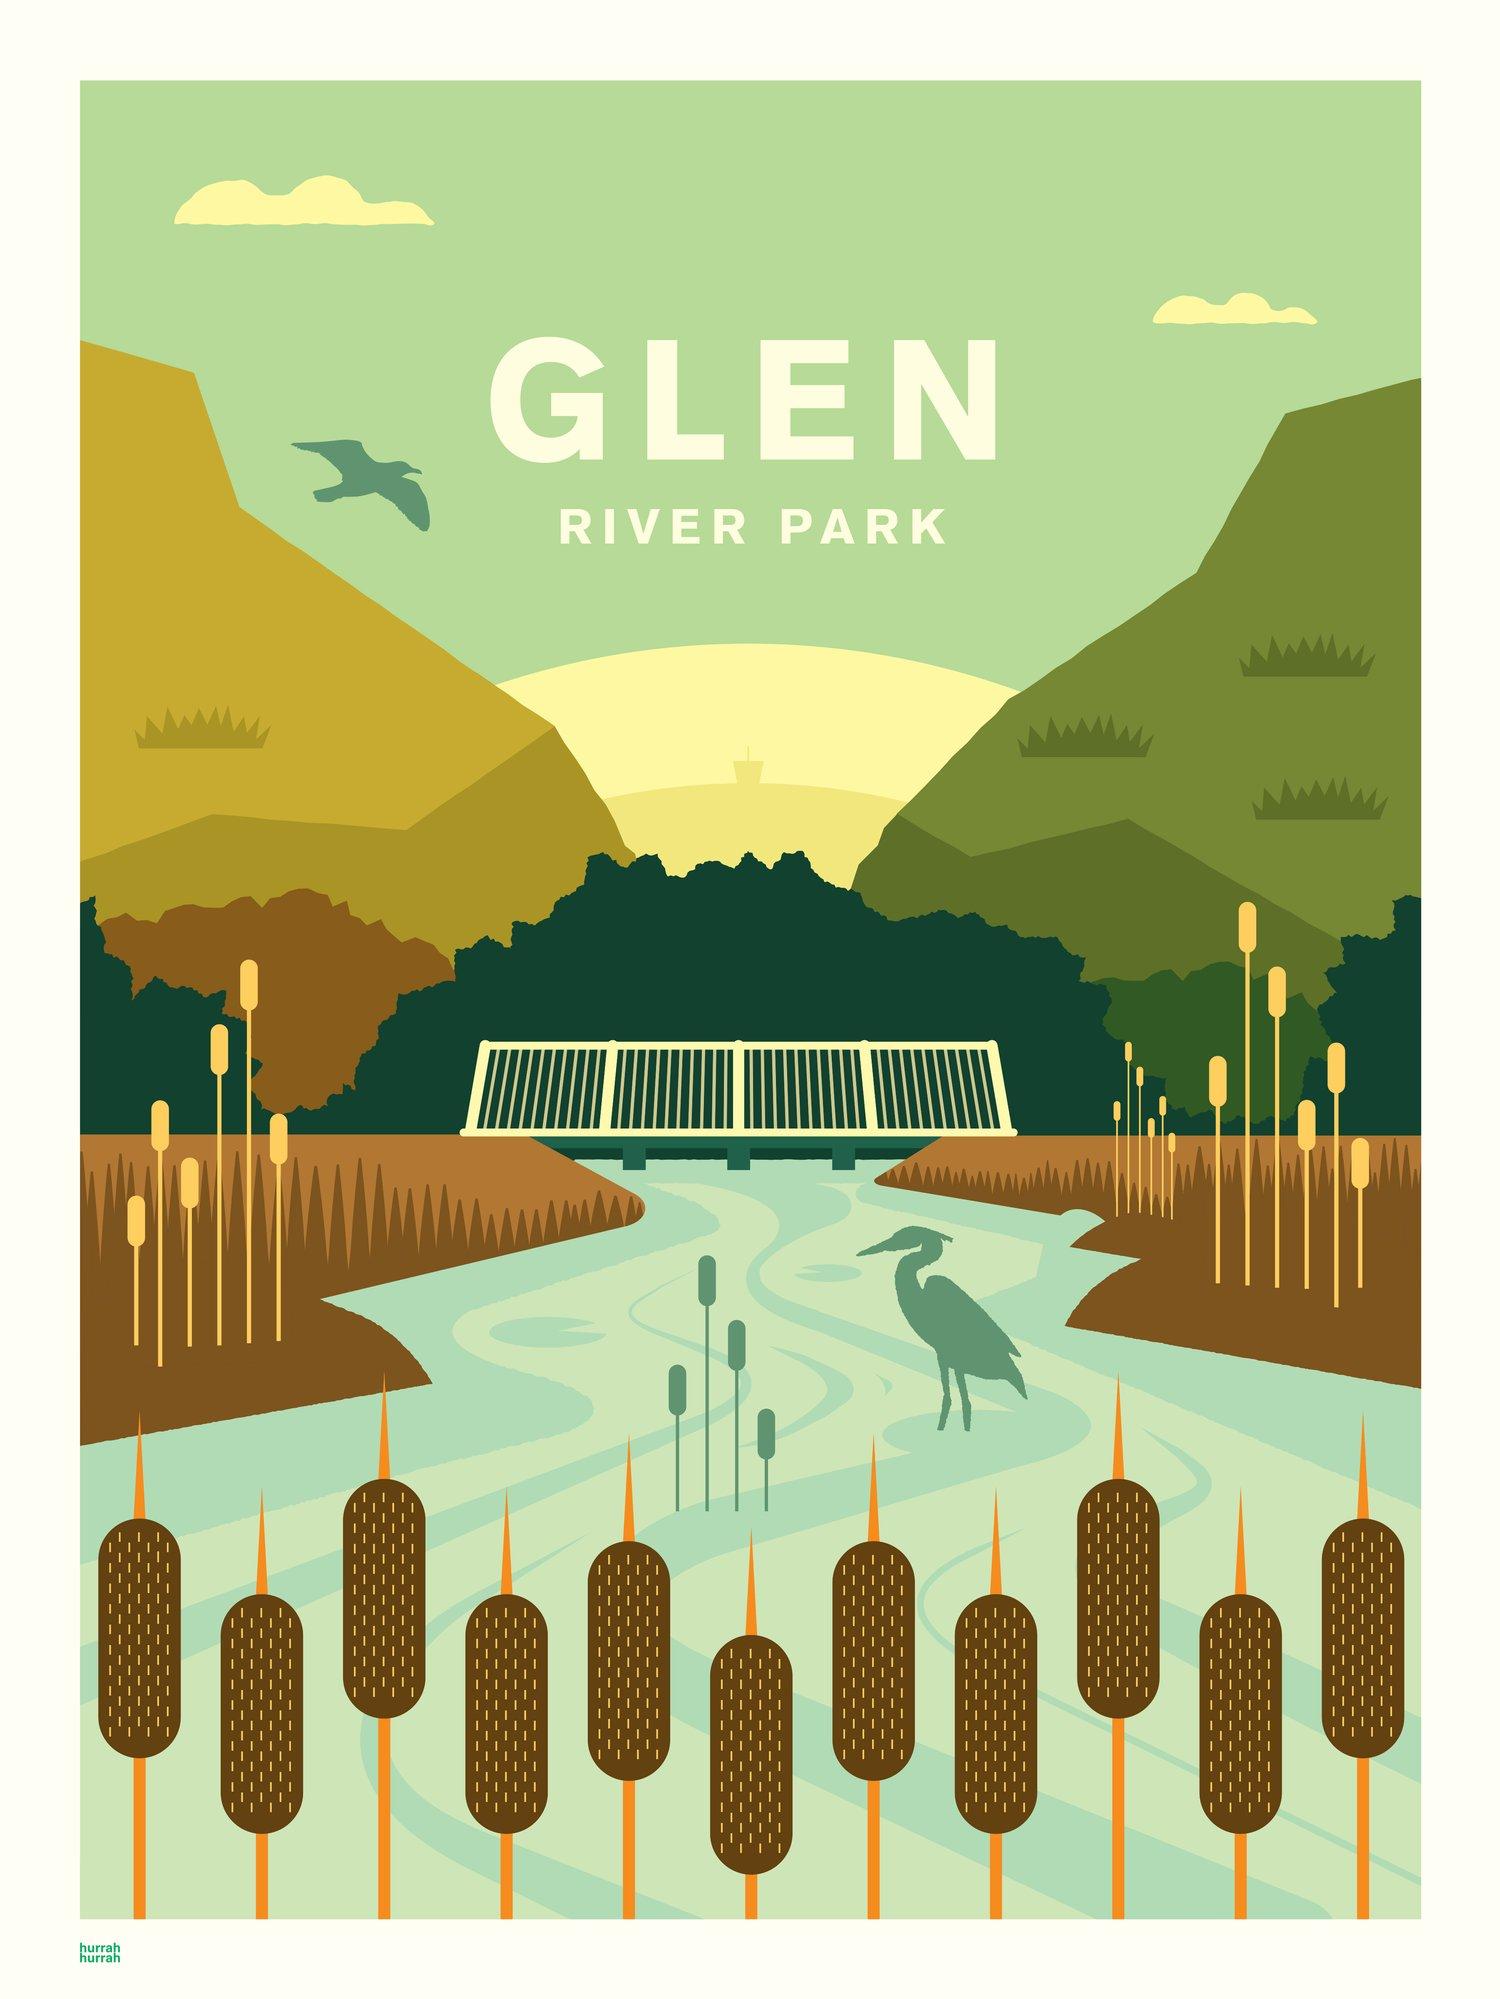 Glen River Park